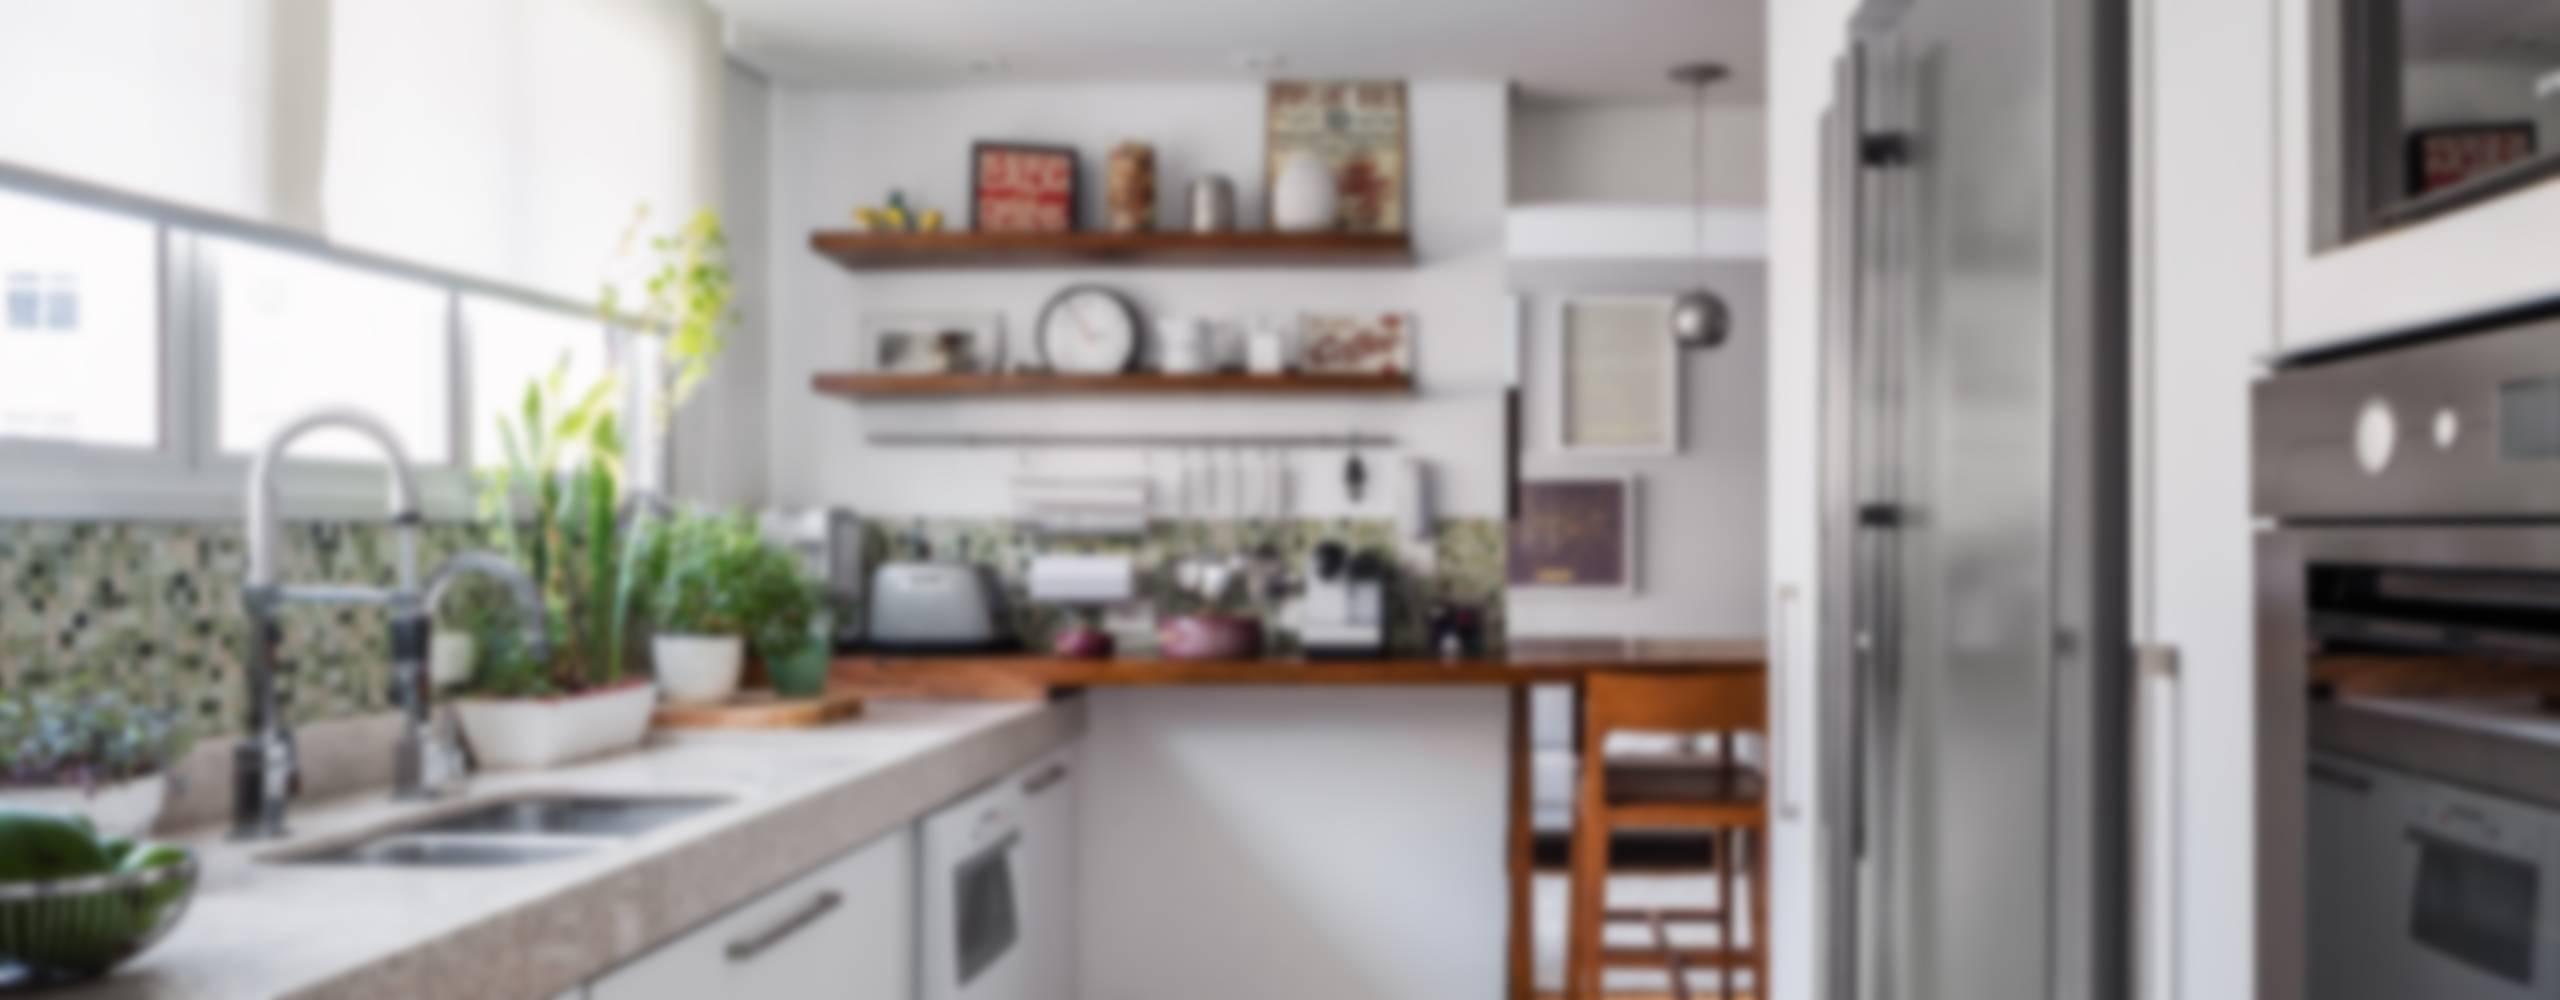 best-ilk-izlenim-onemlidir-evinizi-guzellestirmek-icin-basit-ipuclari-3 Evinizi güzelleştirmek için basit ipuçları